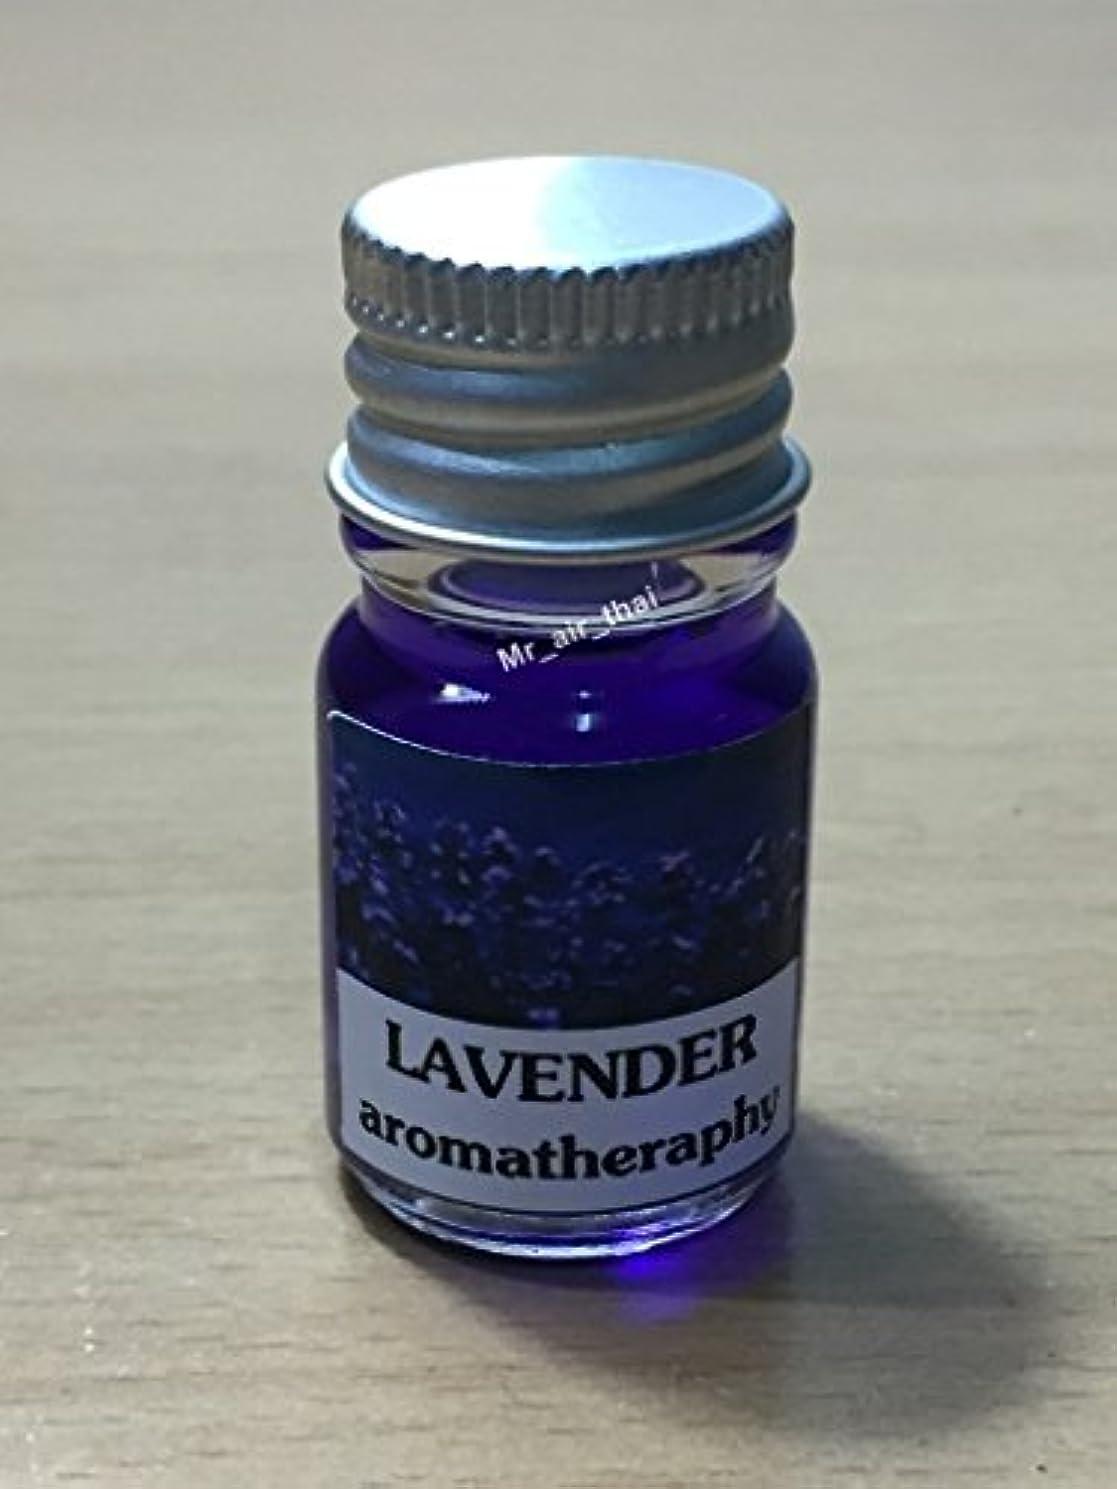 安全決定する品揃え5ミリリットルアロマラベンダーフランクインセンスエッセンシャルオイルボトルアロマテラピーオイル自然自然5ml Aroma Lavender Frankincense Essential Oil Bottles Aromatherapy...